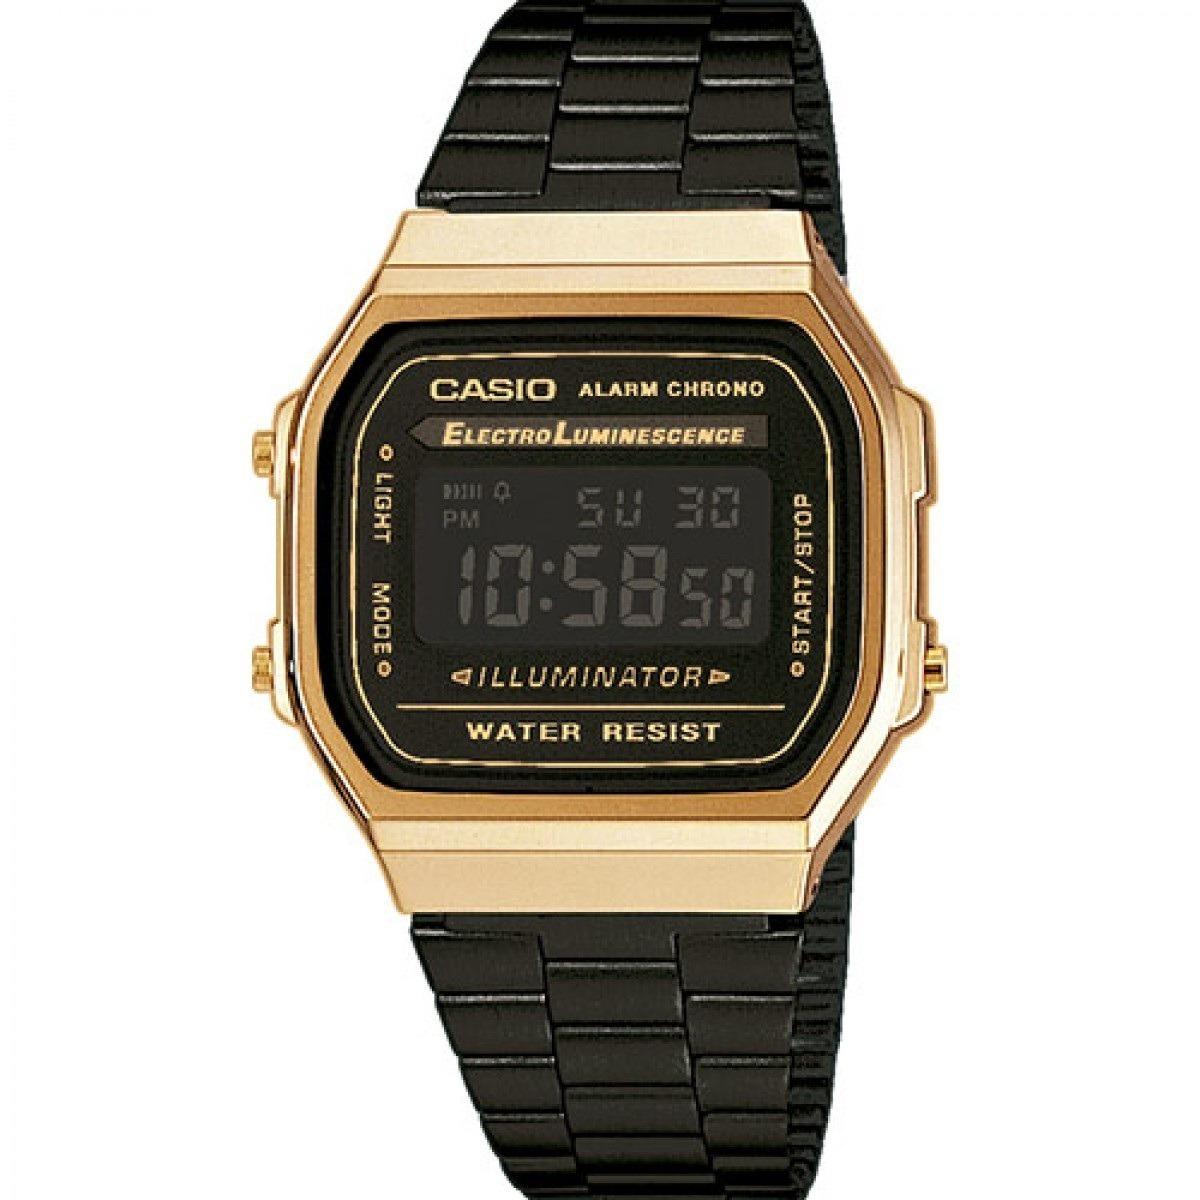 4cc806f6ebd Relógio Casio A168wegb-1b Vintage Preto dourado + Caixa - R  149